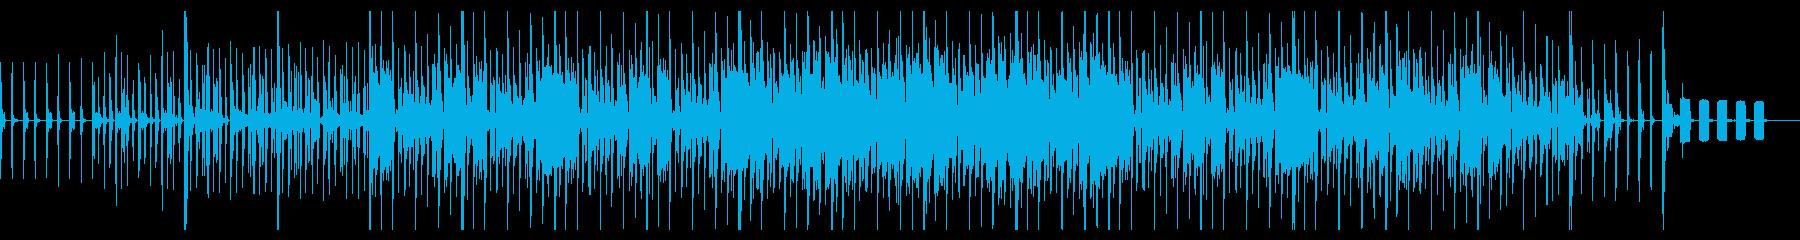 文房具でGo!オフィス用品の音を使った曲の再生済みの波形